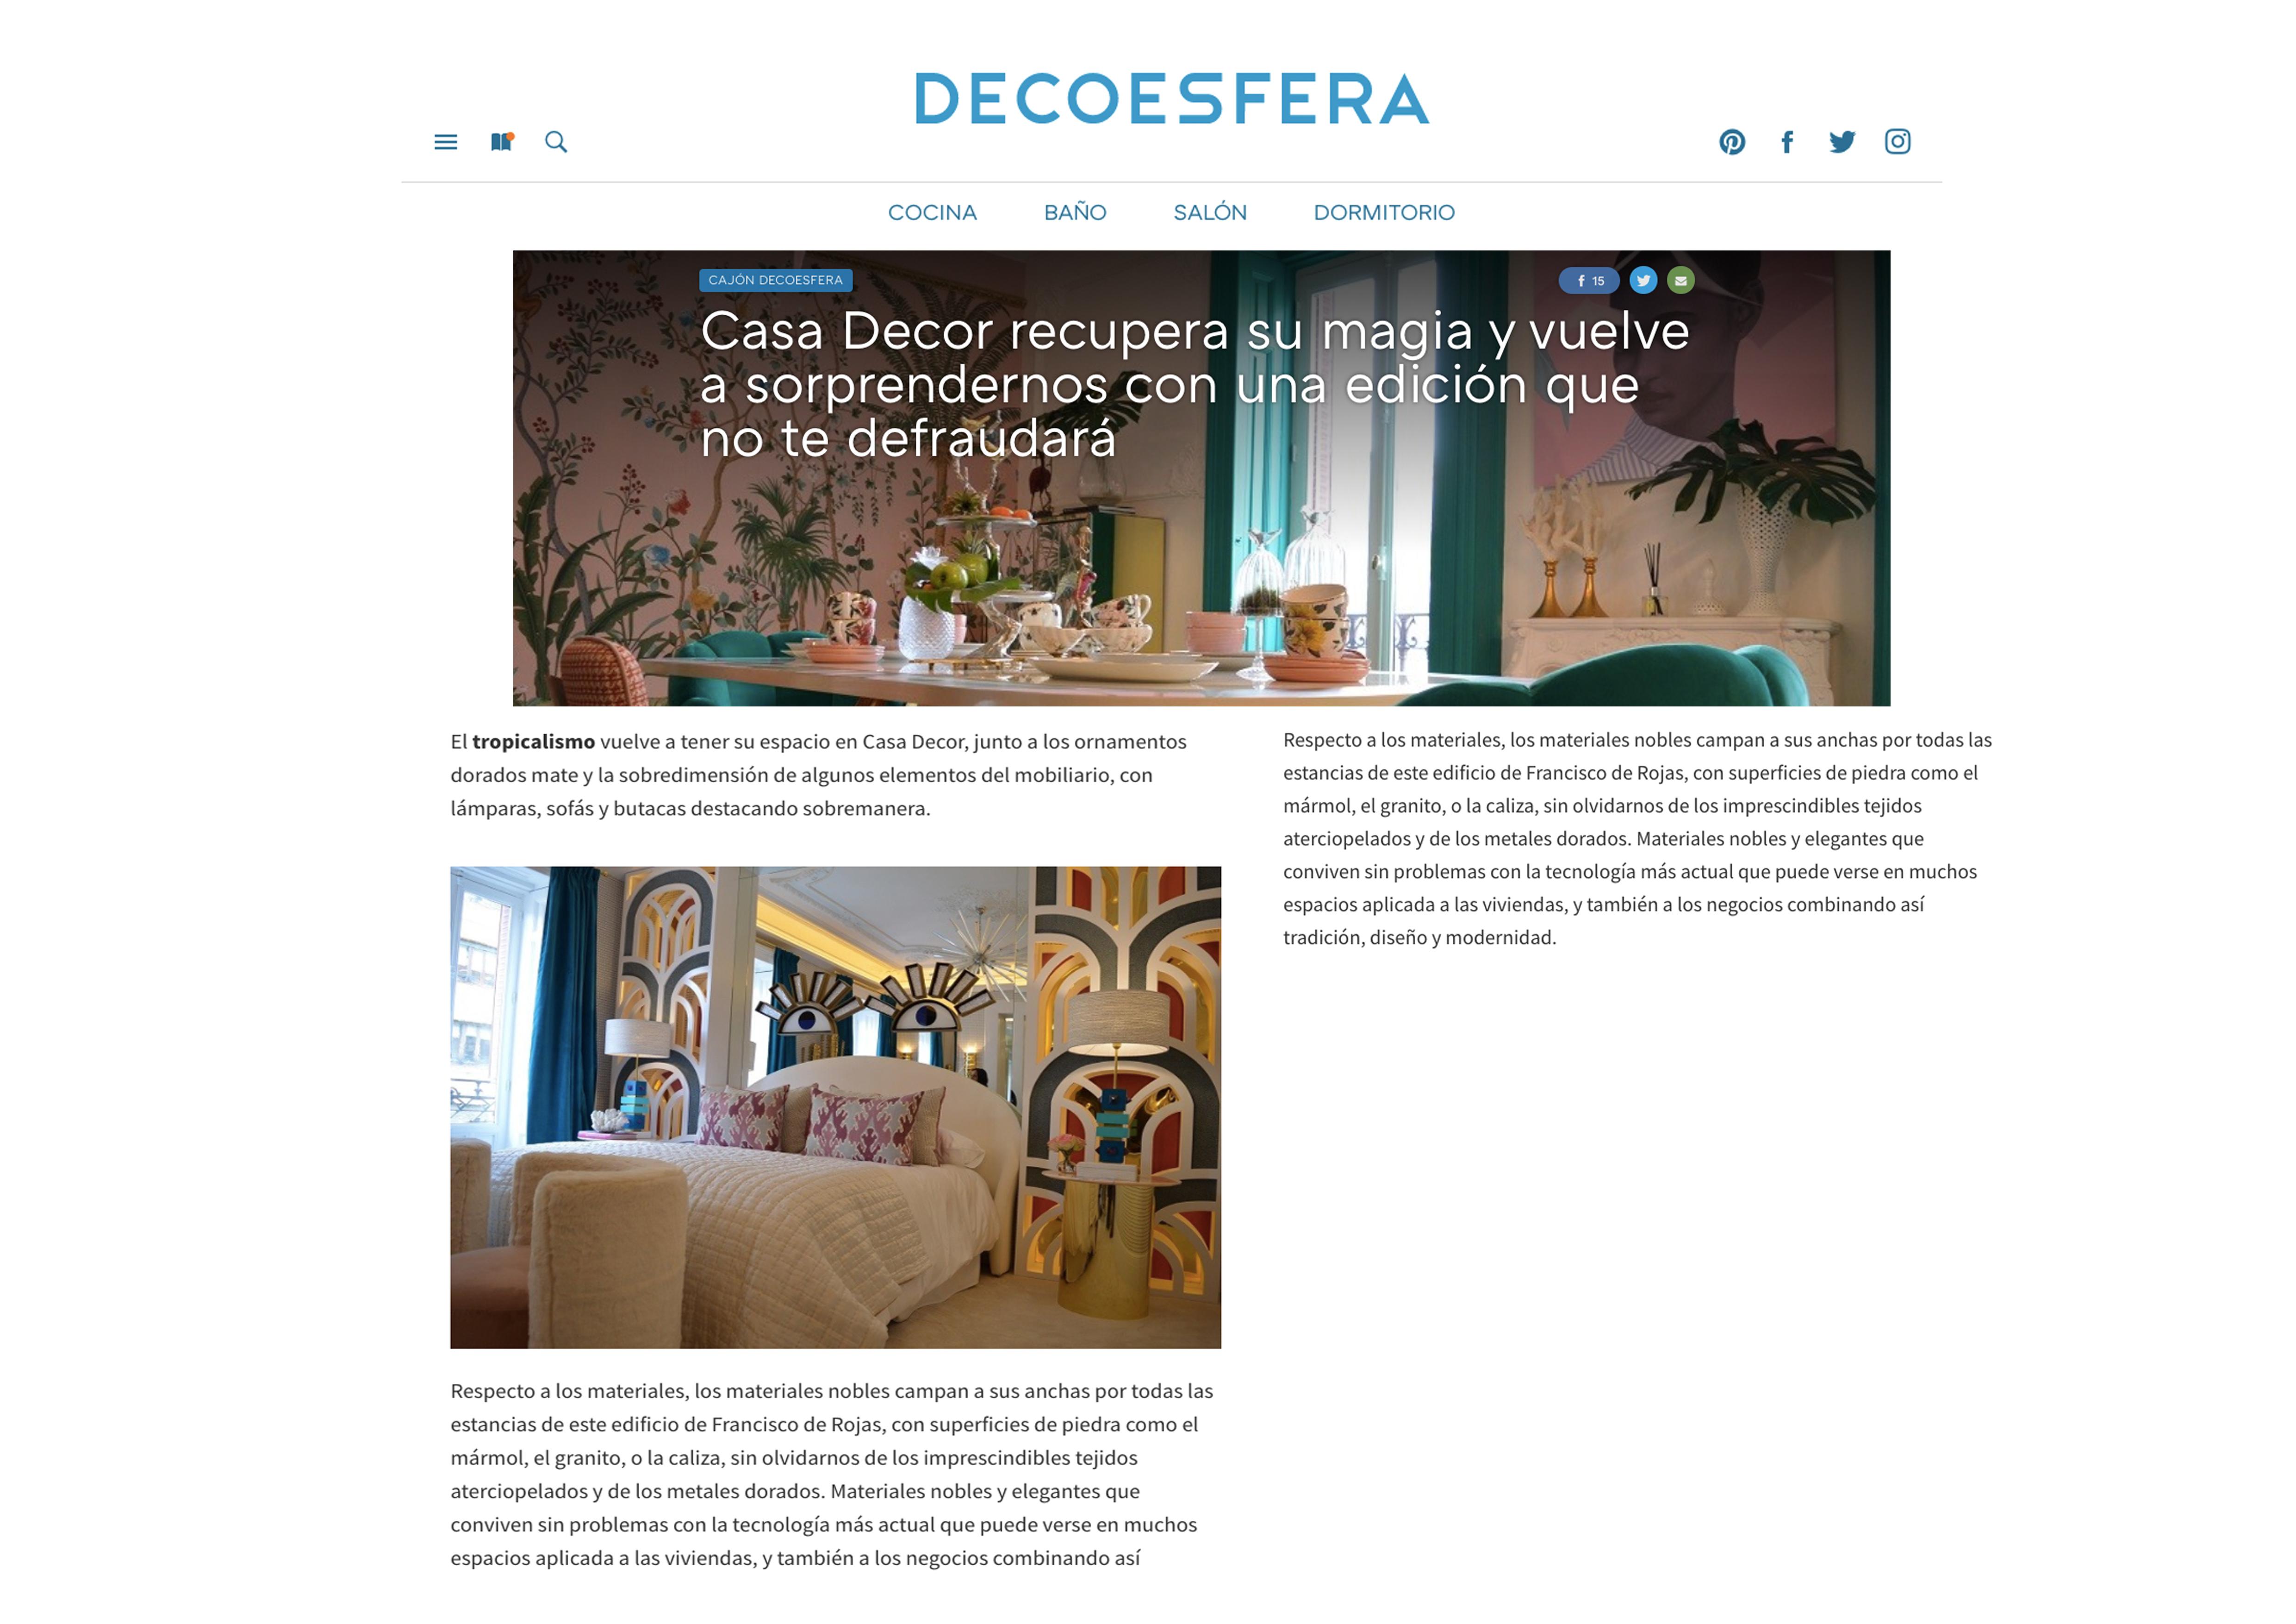 /Users/Paula/Desktop/MIRIAM ALIA/PROYECTO DUQUE DE SESTO/Plano D